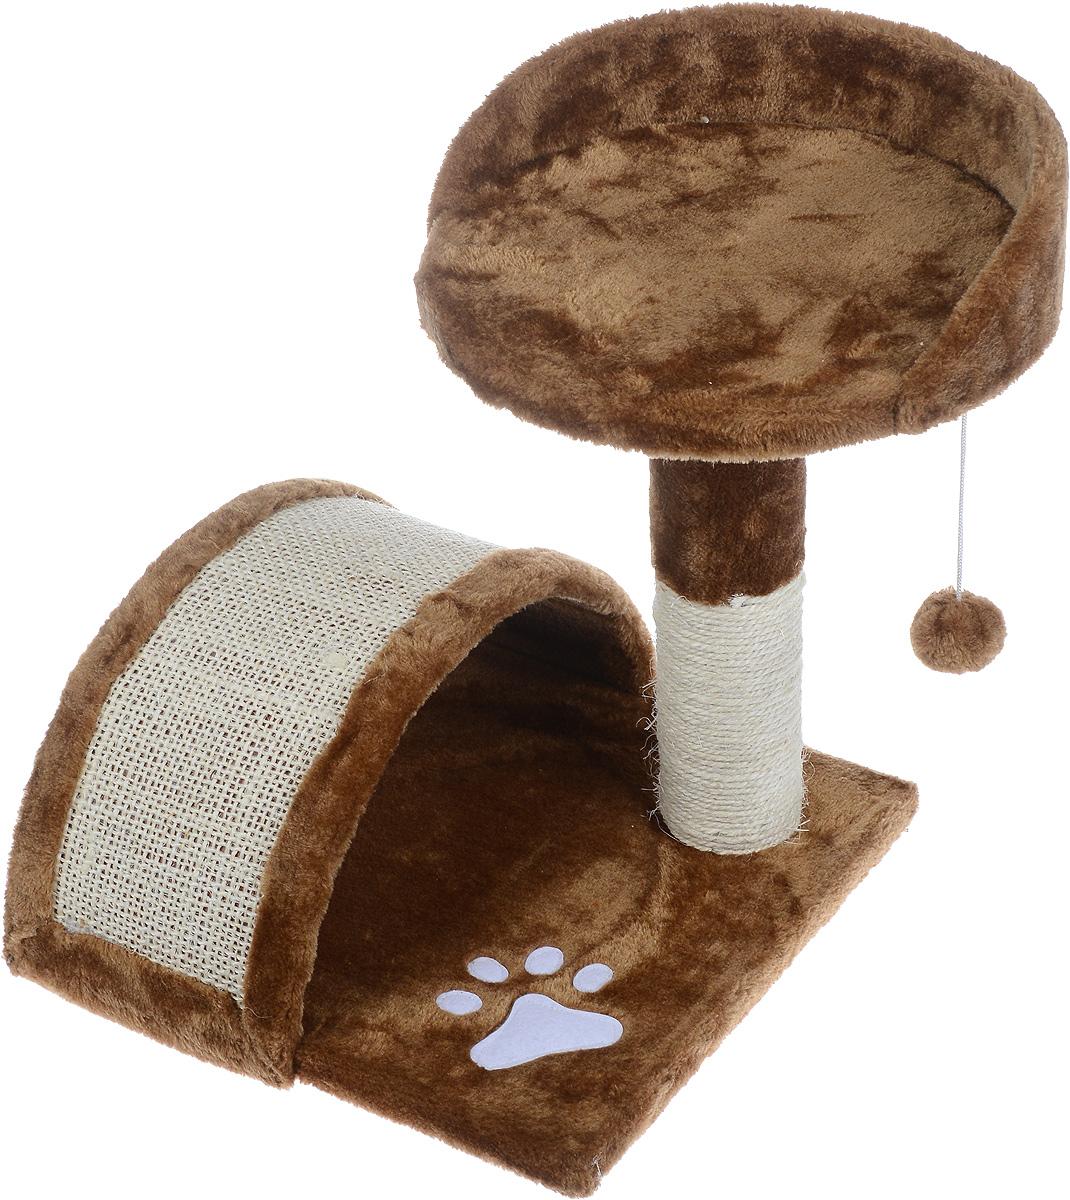 Когтеточка Aimigou, с полкой и игрушками, цвет: коричневый, белый, 43 х 42 х 42 смQQ80324-8Когтеточка Aimigou поможет сохранить мебель и ковры в доме от когтей вашего любимца, стремящегося удовлетворить свою естественную потребность точить когти. Когтеточка изготовлена из ДСП, искусственного меха и сизаля. Товар продуман в мельчайших деталях и, несомненно, понравится вашей кошке. Сверху имеется полка. Точить когти ваш питомец будет о полукруглую горку или столбик с покрытием из сизаля. Под горкой расположена мягкая игрушка в виде рыбки. Всем кошкам необходимо стачивать когти. Когтеточка - один из самых необходимых аксессуаров для кошки. Для приучения к когтеточке можно натереть ее сухой валерьянкой или кошачьей мятой. Когтеточка поможет вашему любимцу стачивать когти и при этом не портить вашу мебель. Размер основания: 34 х 34 см. Высота когтеточки (с учетом полки): 42 см. Размер полки: 30,5 х 30 см.